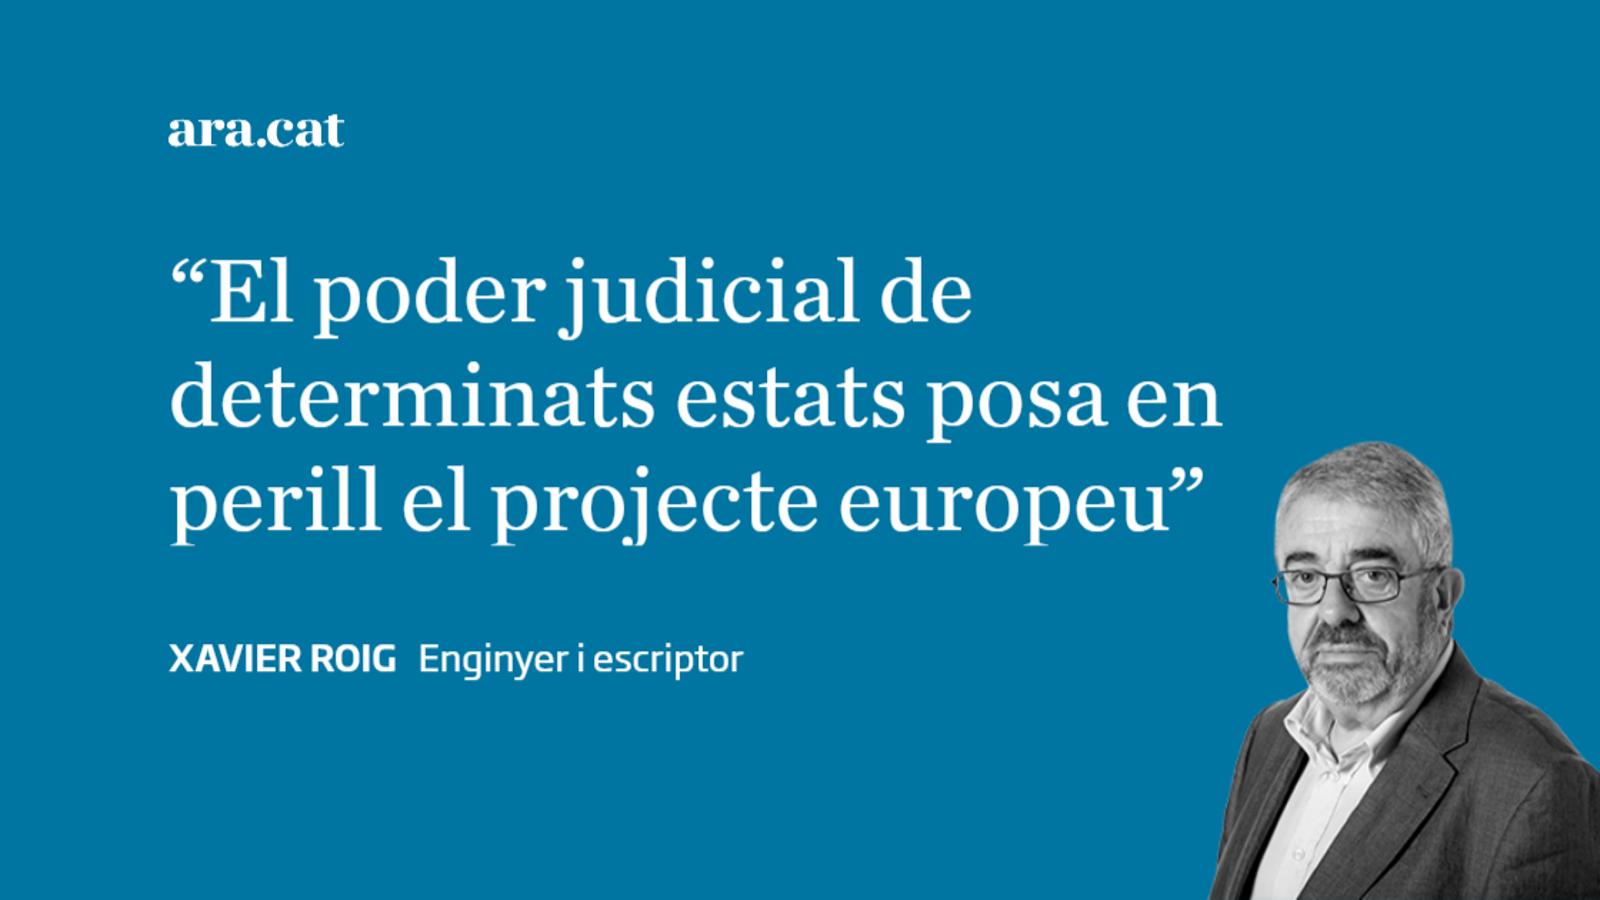 Regenerar el poder judicial de la mà d'Europa